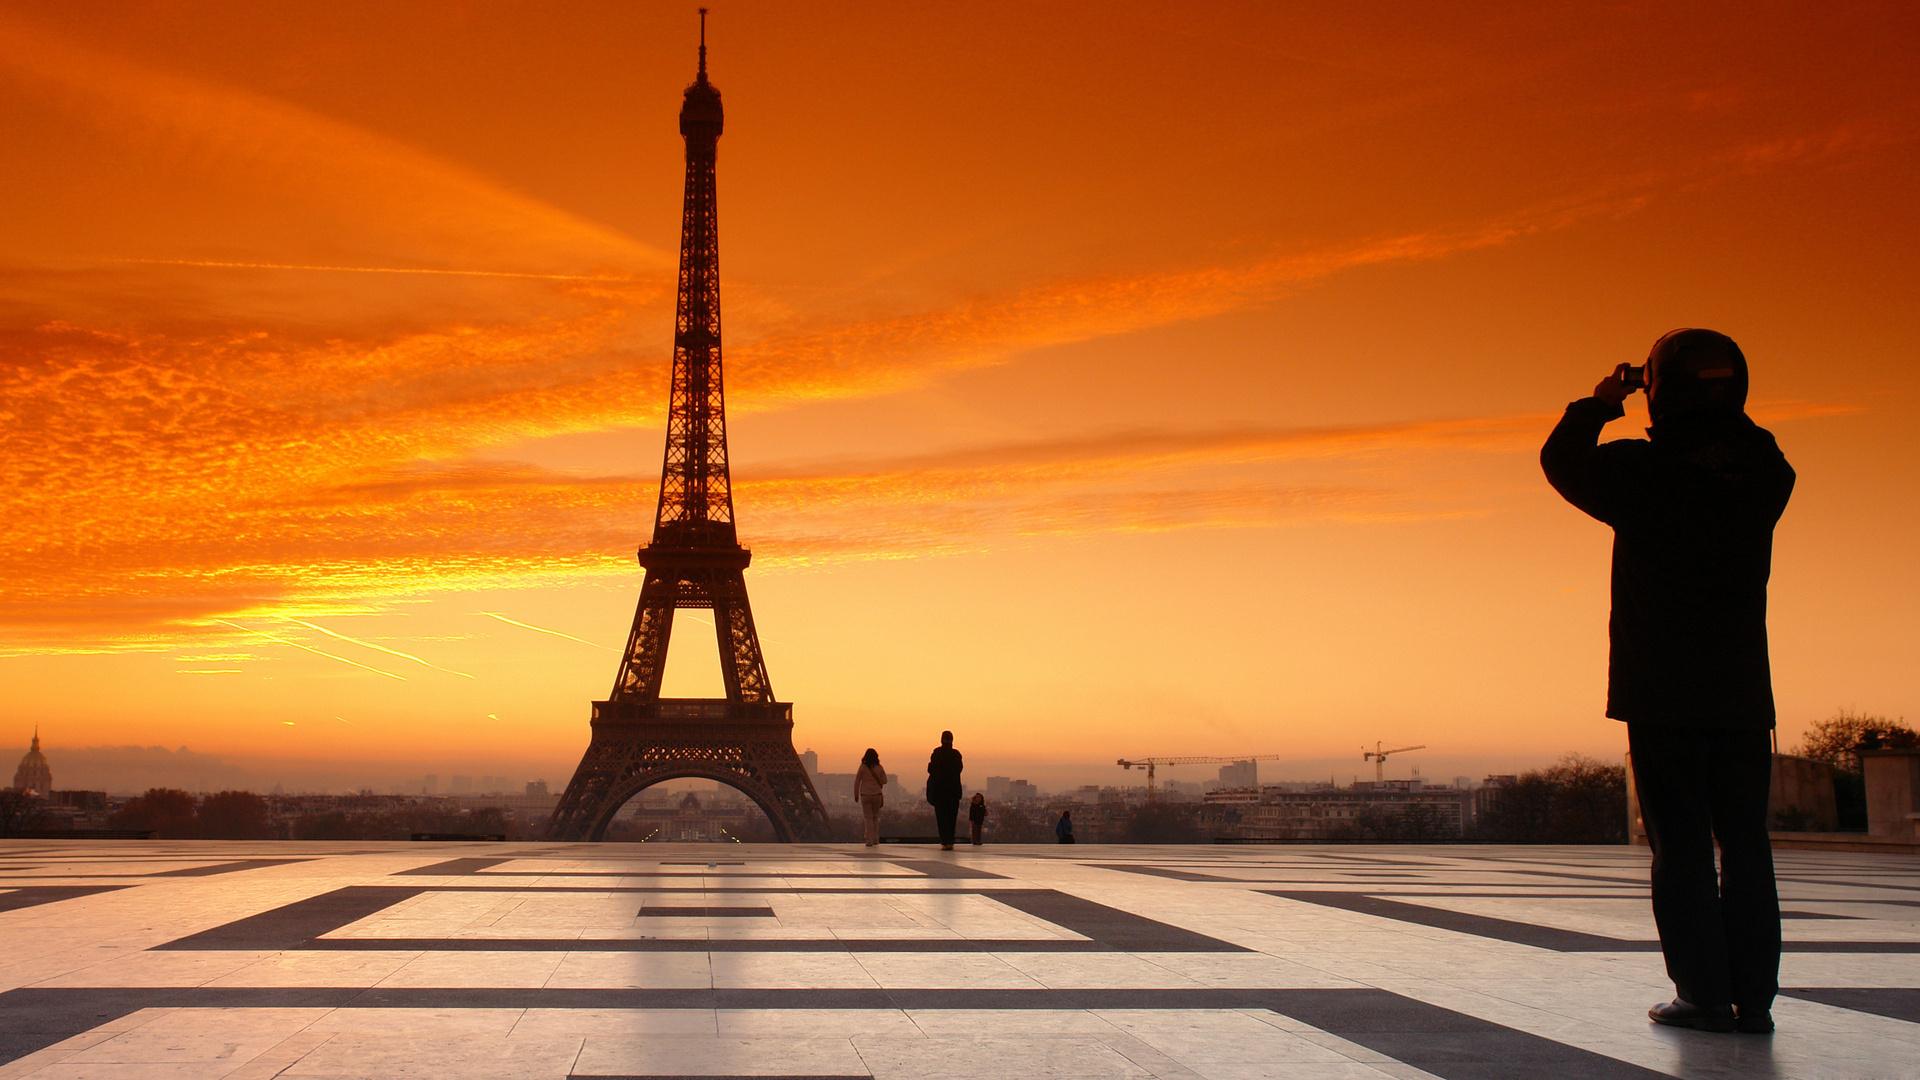 Картинки на тему франции